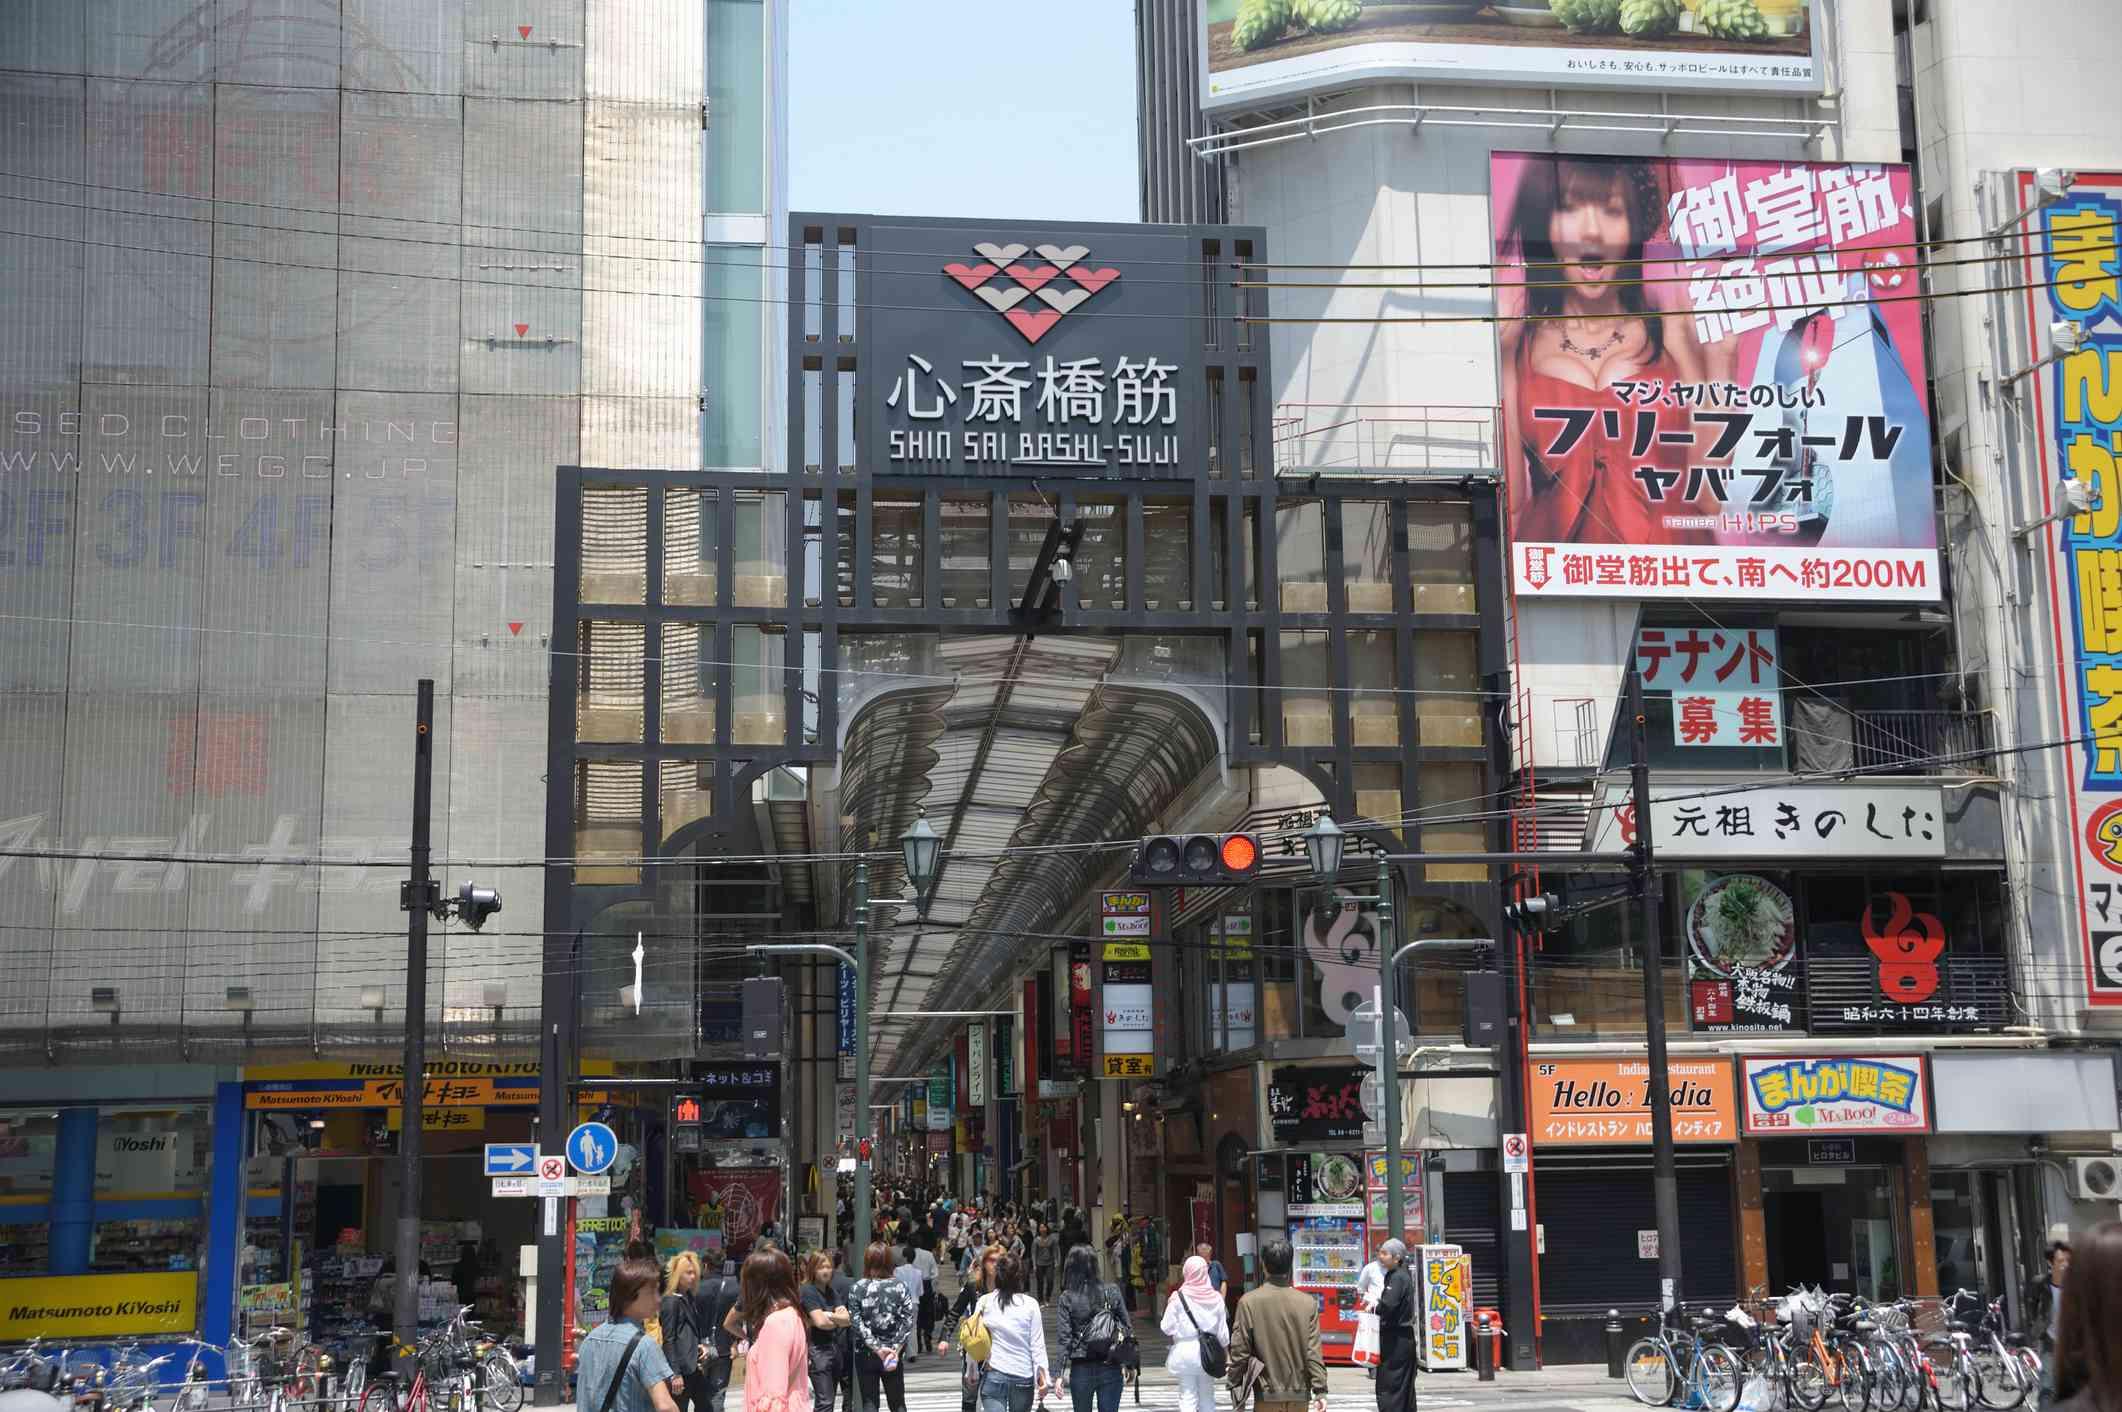 Shinasaibashi-suji Shopping Arcade